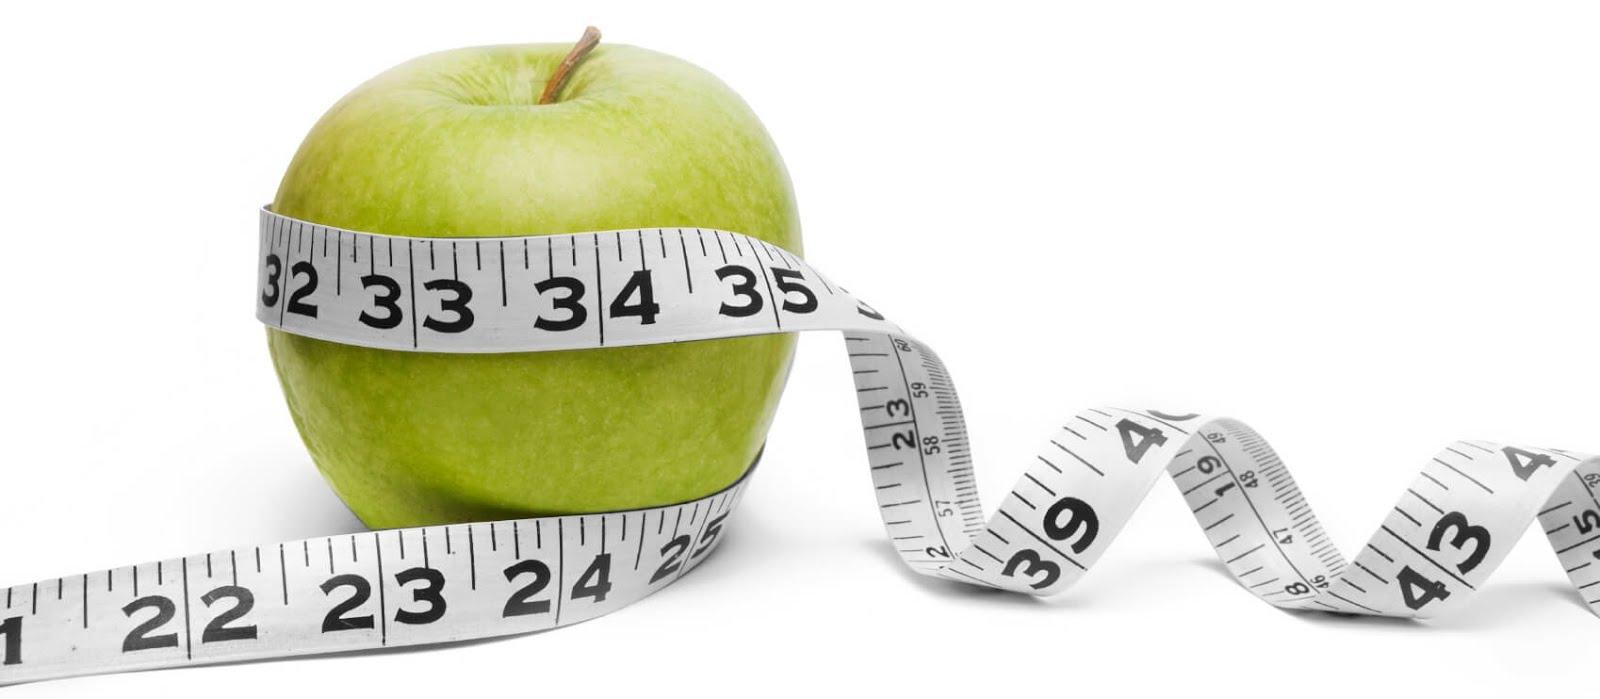 بالصور رجيم التفاح الاخضر , و صفات رائعه للتخلص من الوزن الزائد بالتفاح 2931 2